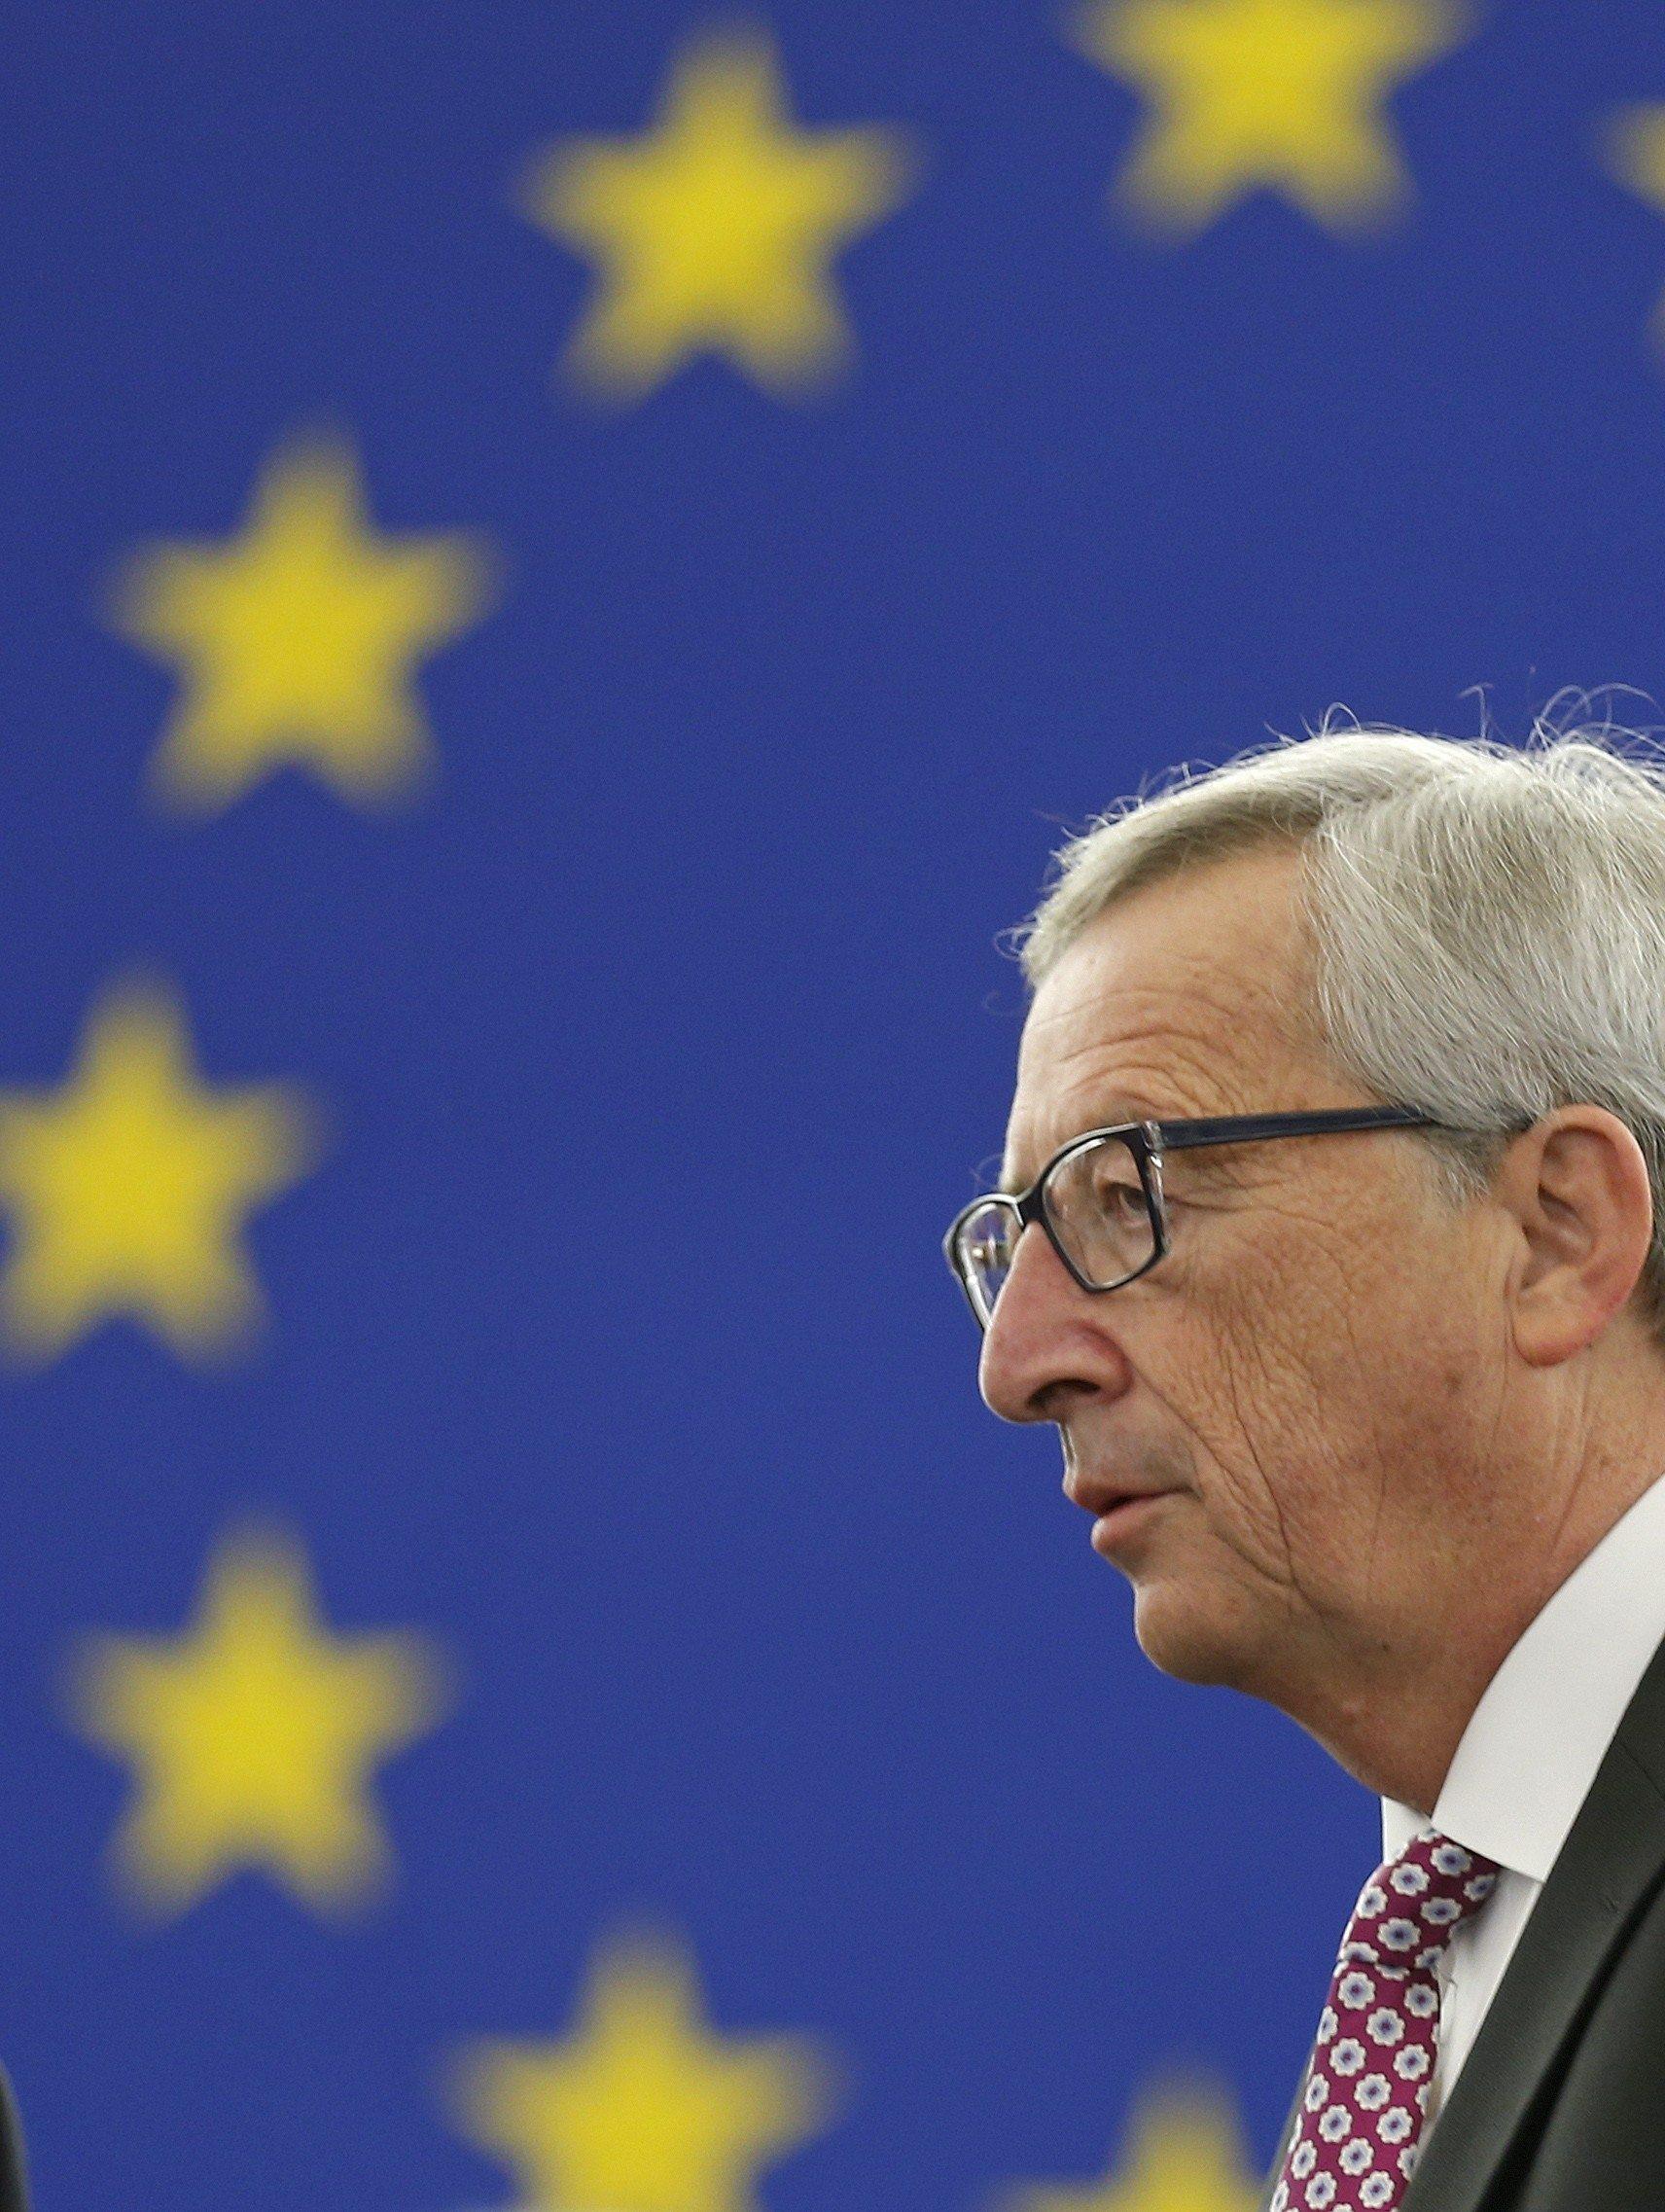 Ahora la República Checa cuestiona su permanencia en la UE